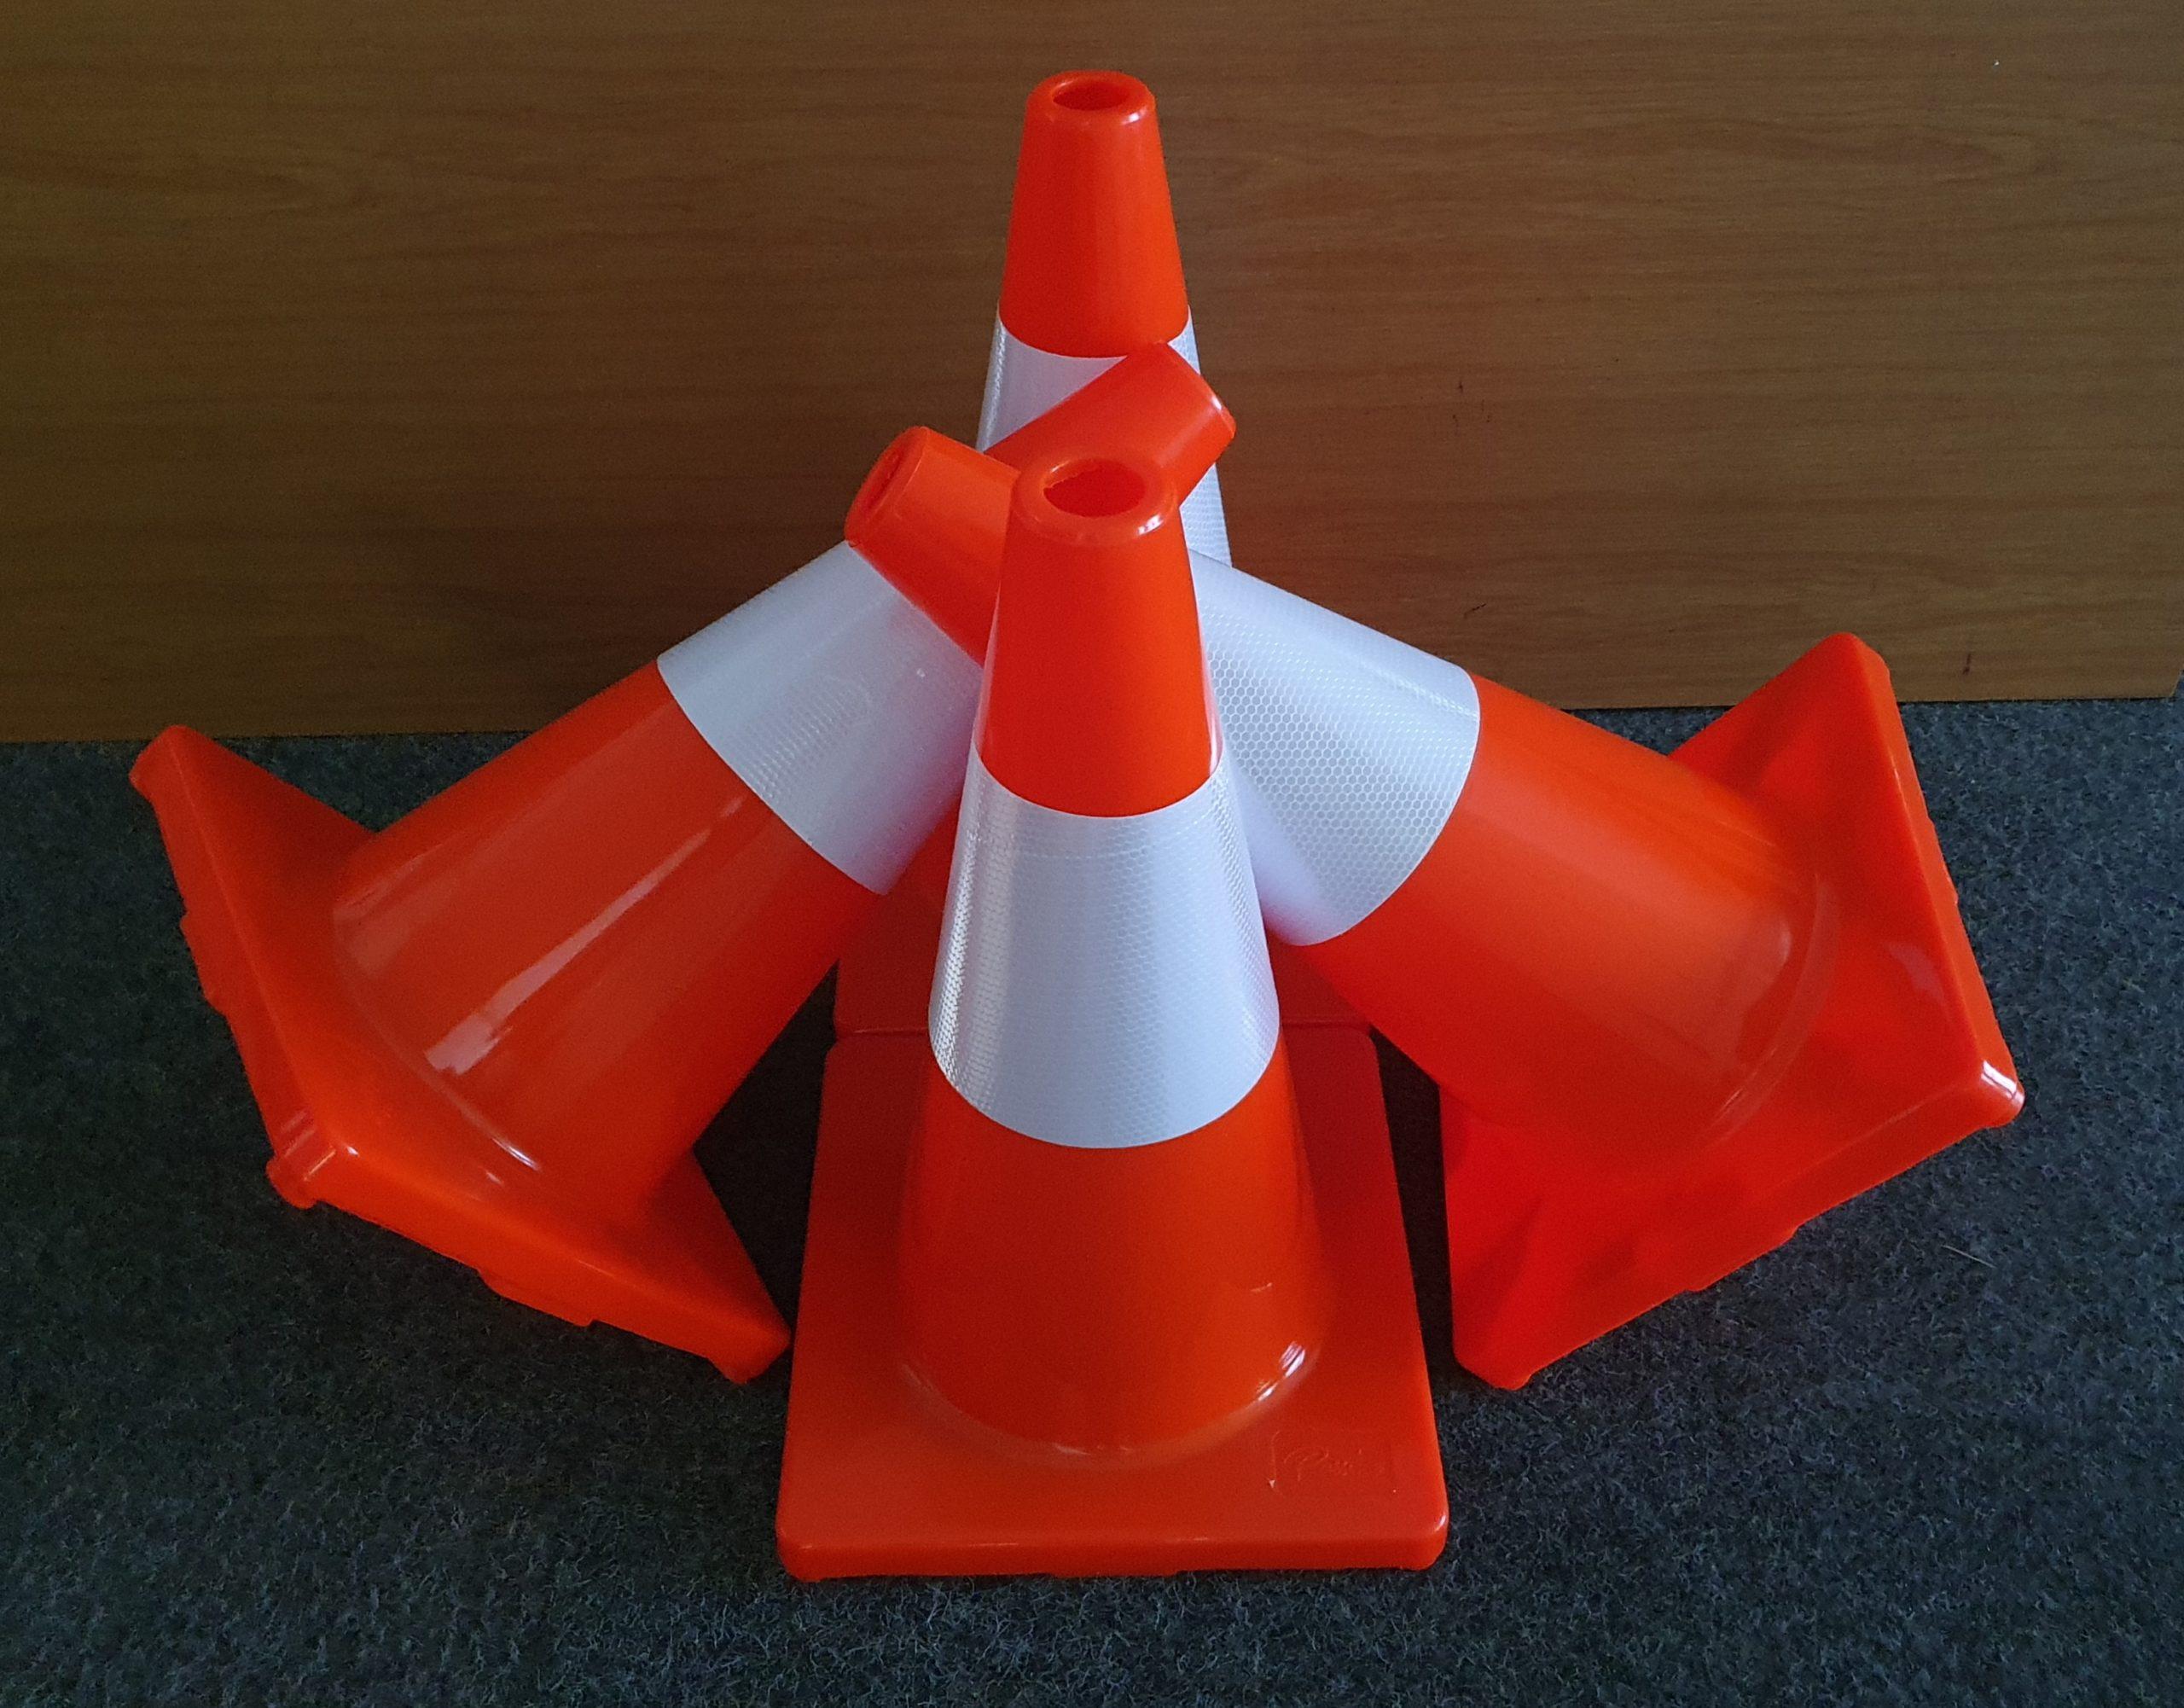 Orange barrier cones